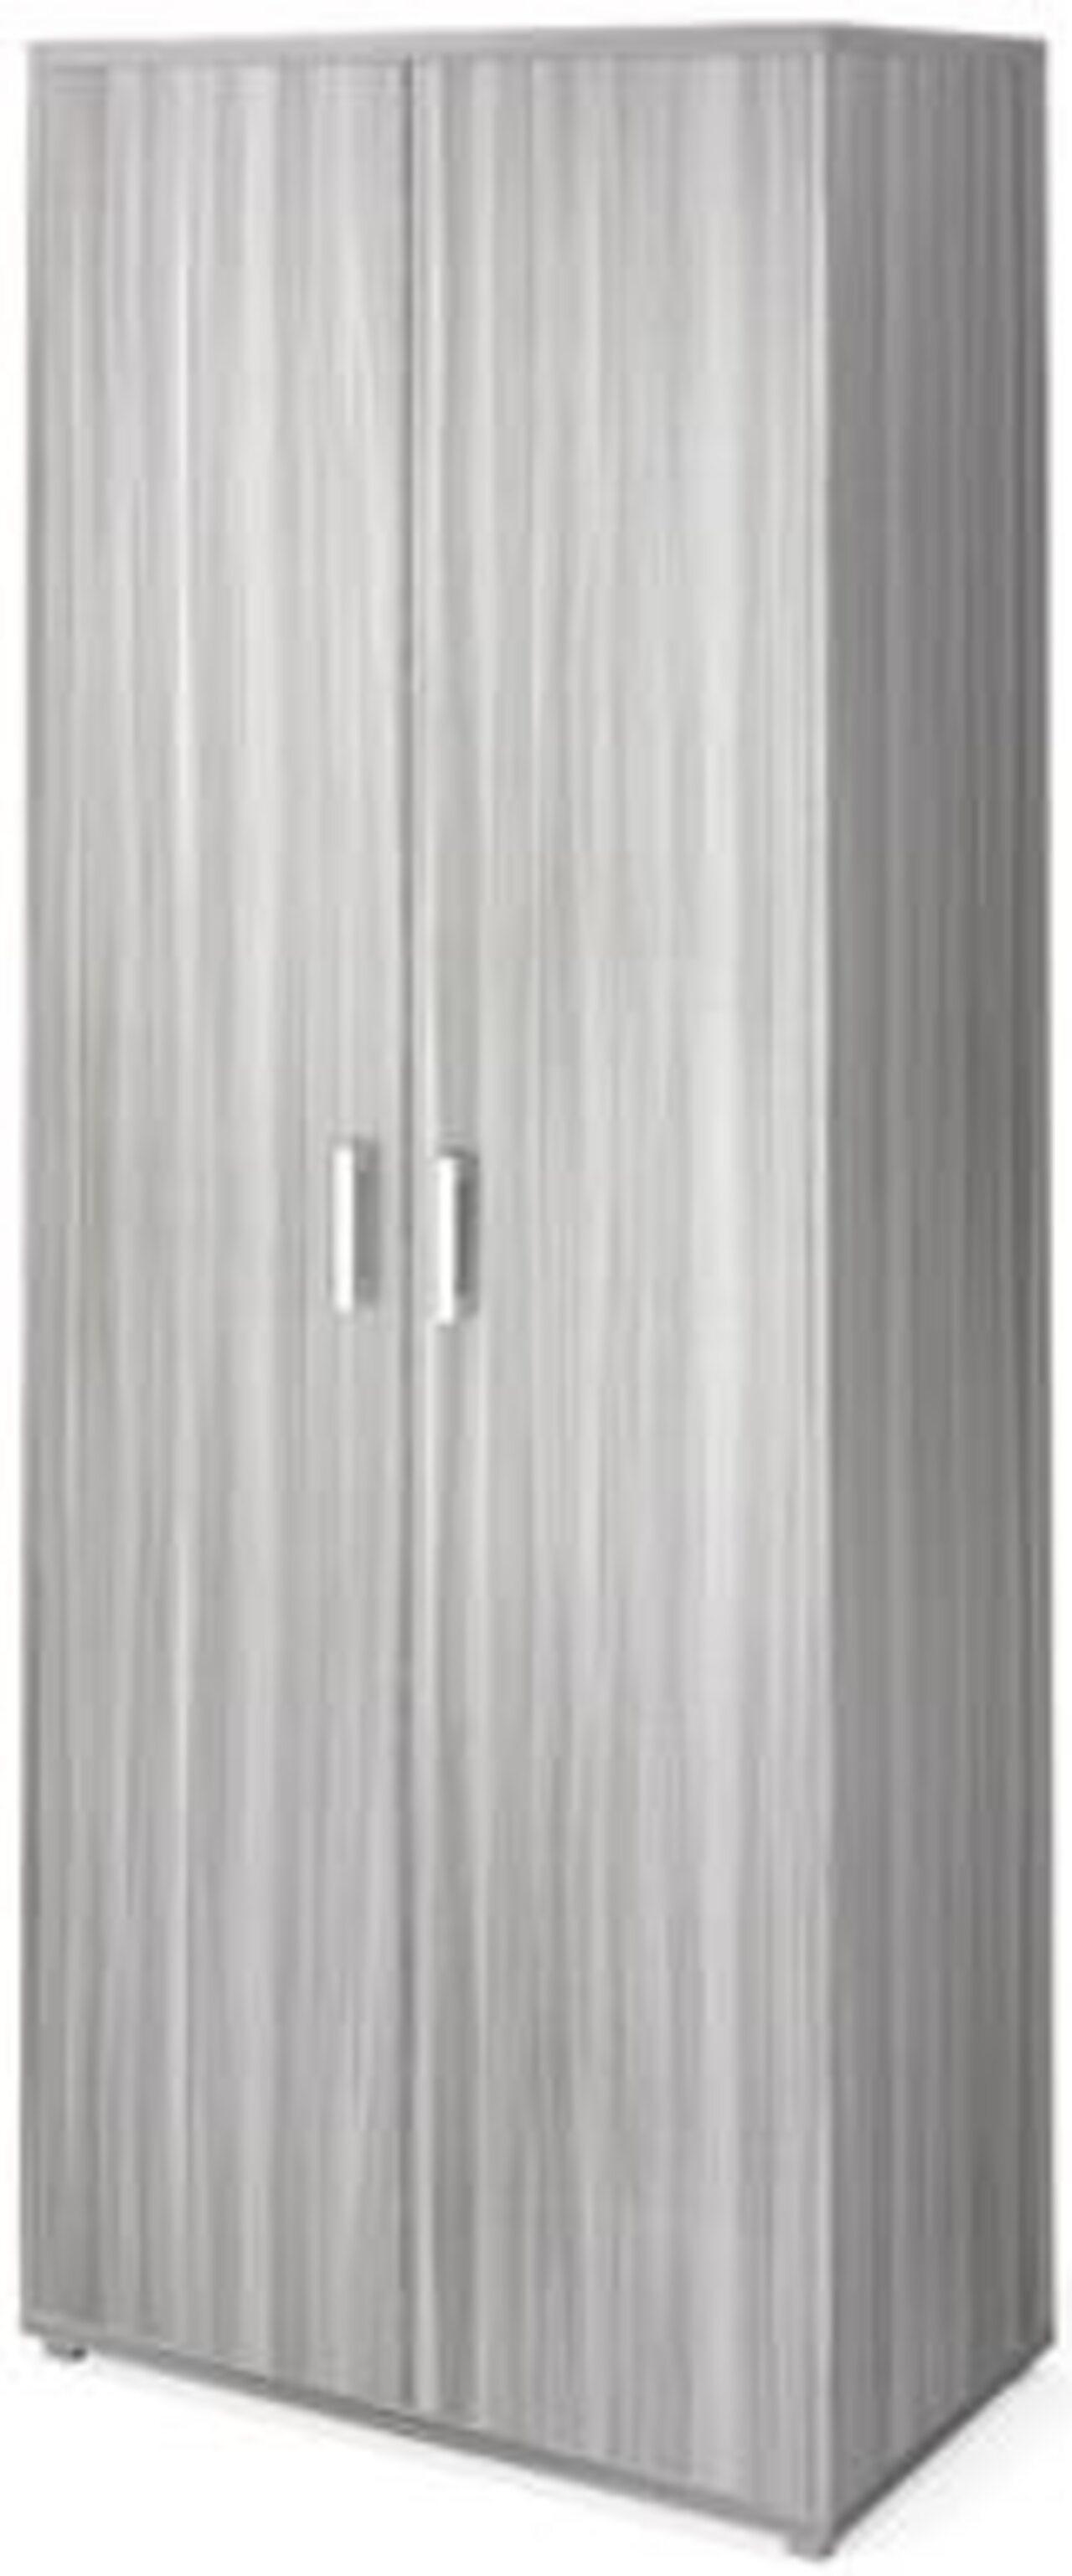 Шкаф для одежды  Аргентум 90x45x205 - фото 5